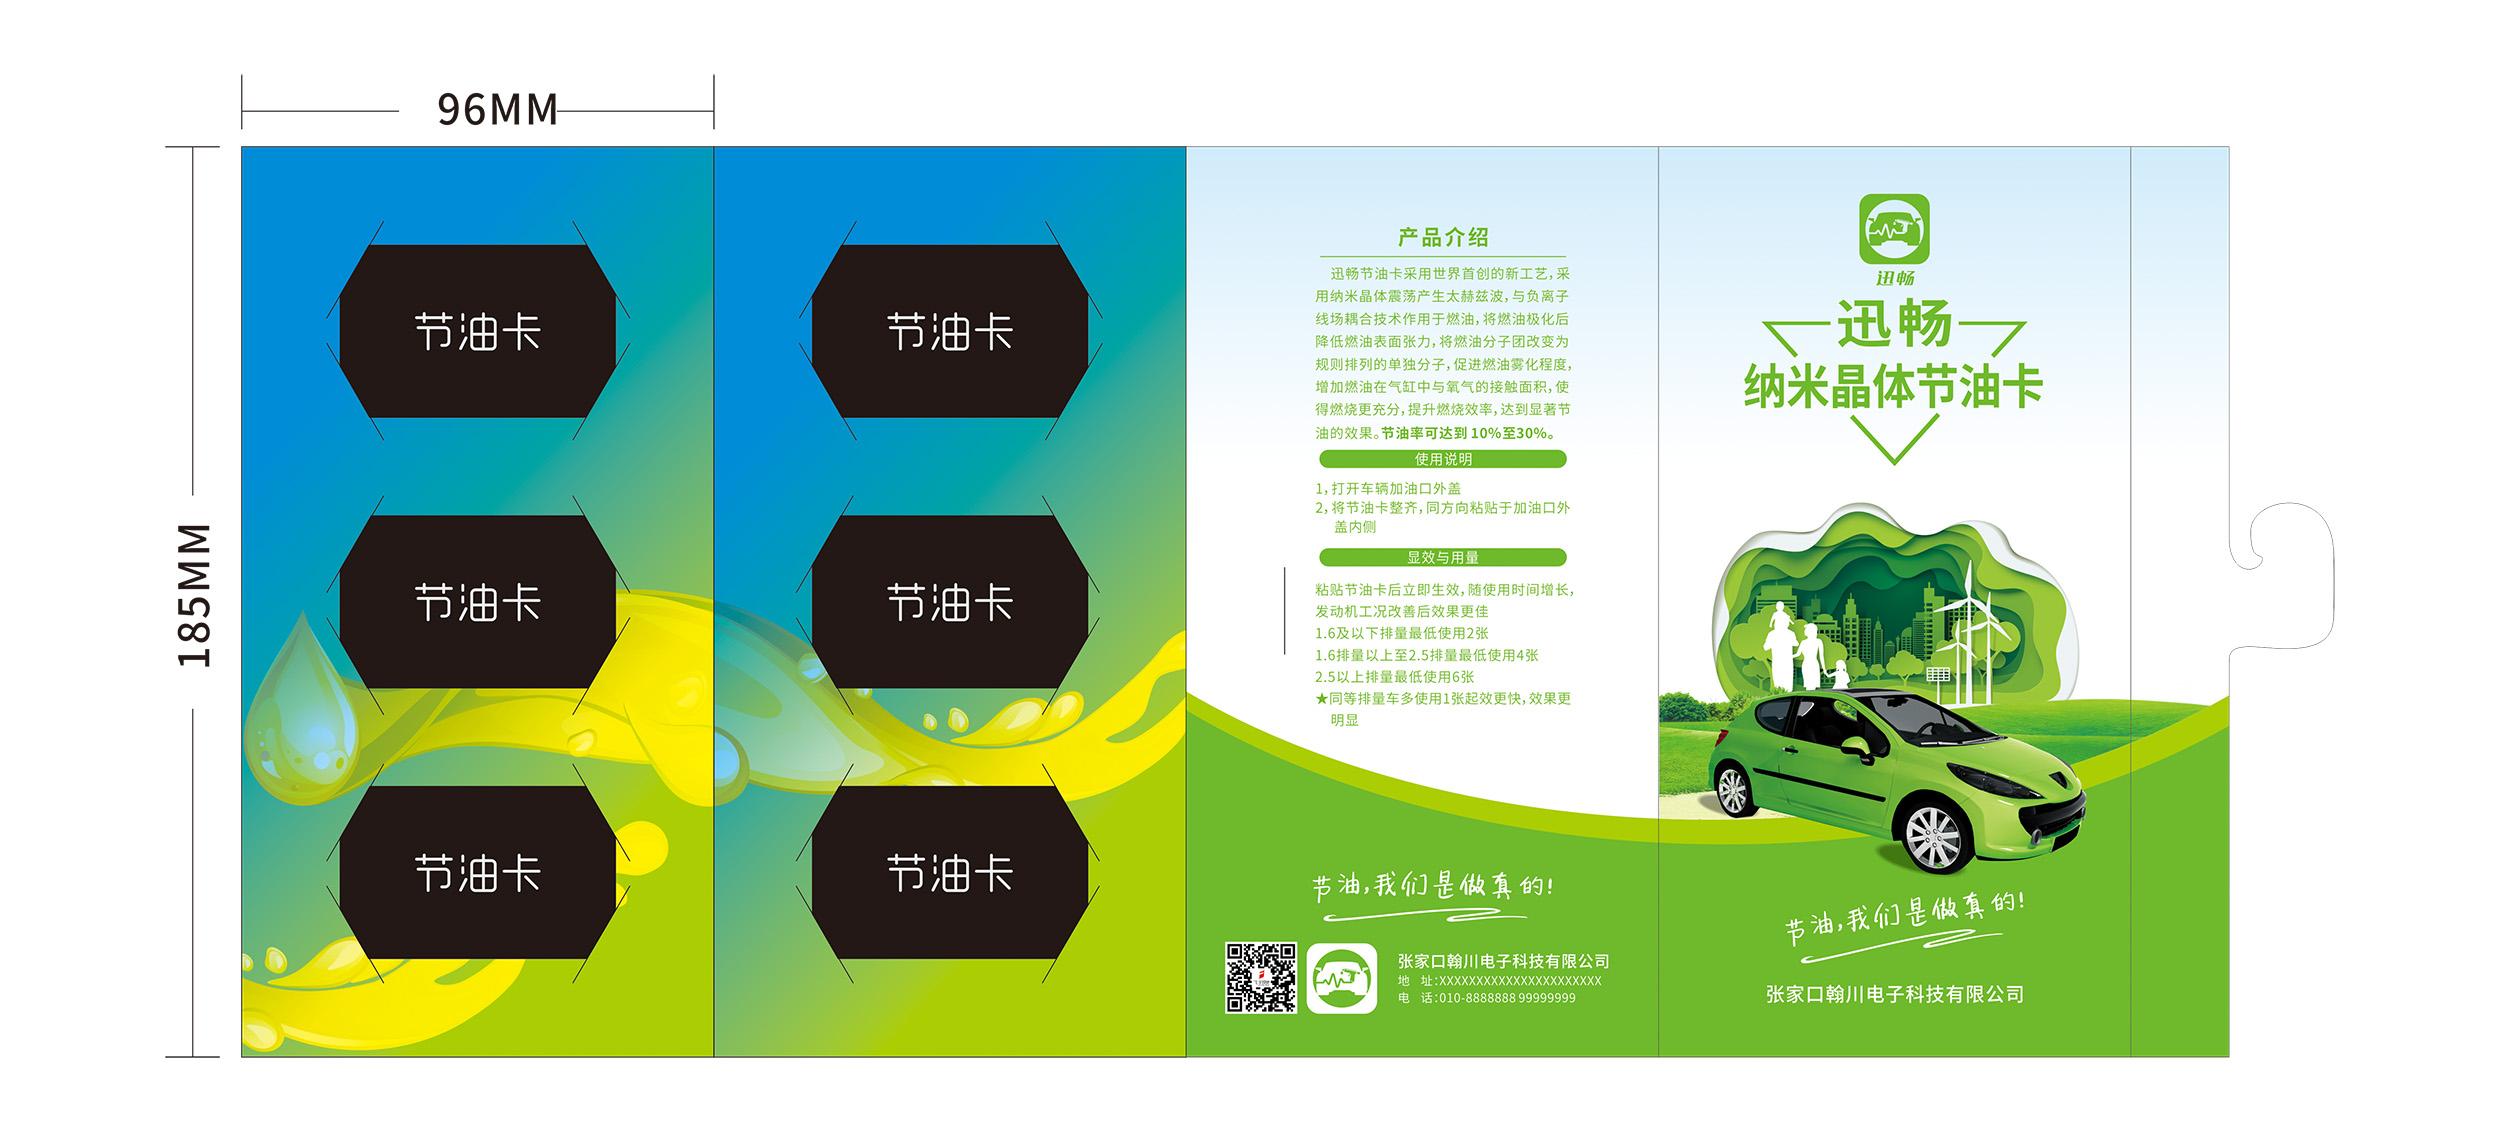 产品包装设计_3024404_k68威客网